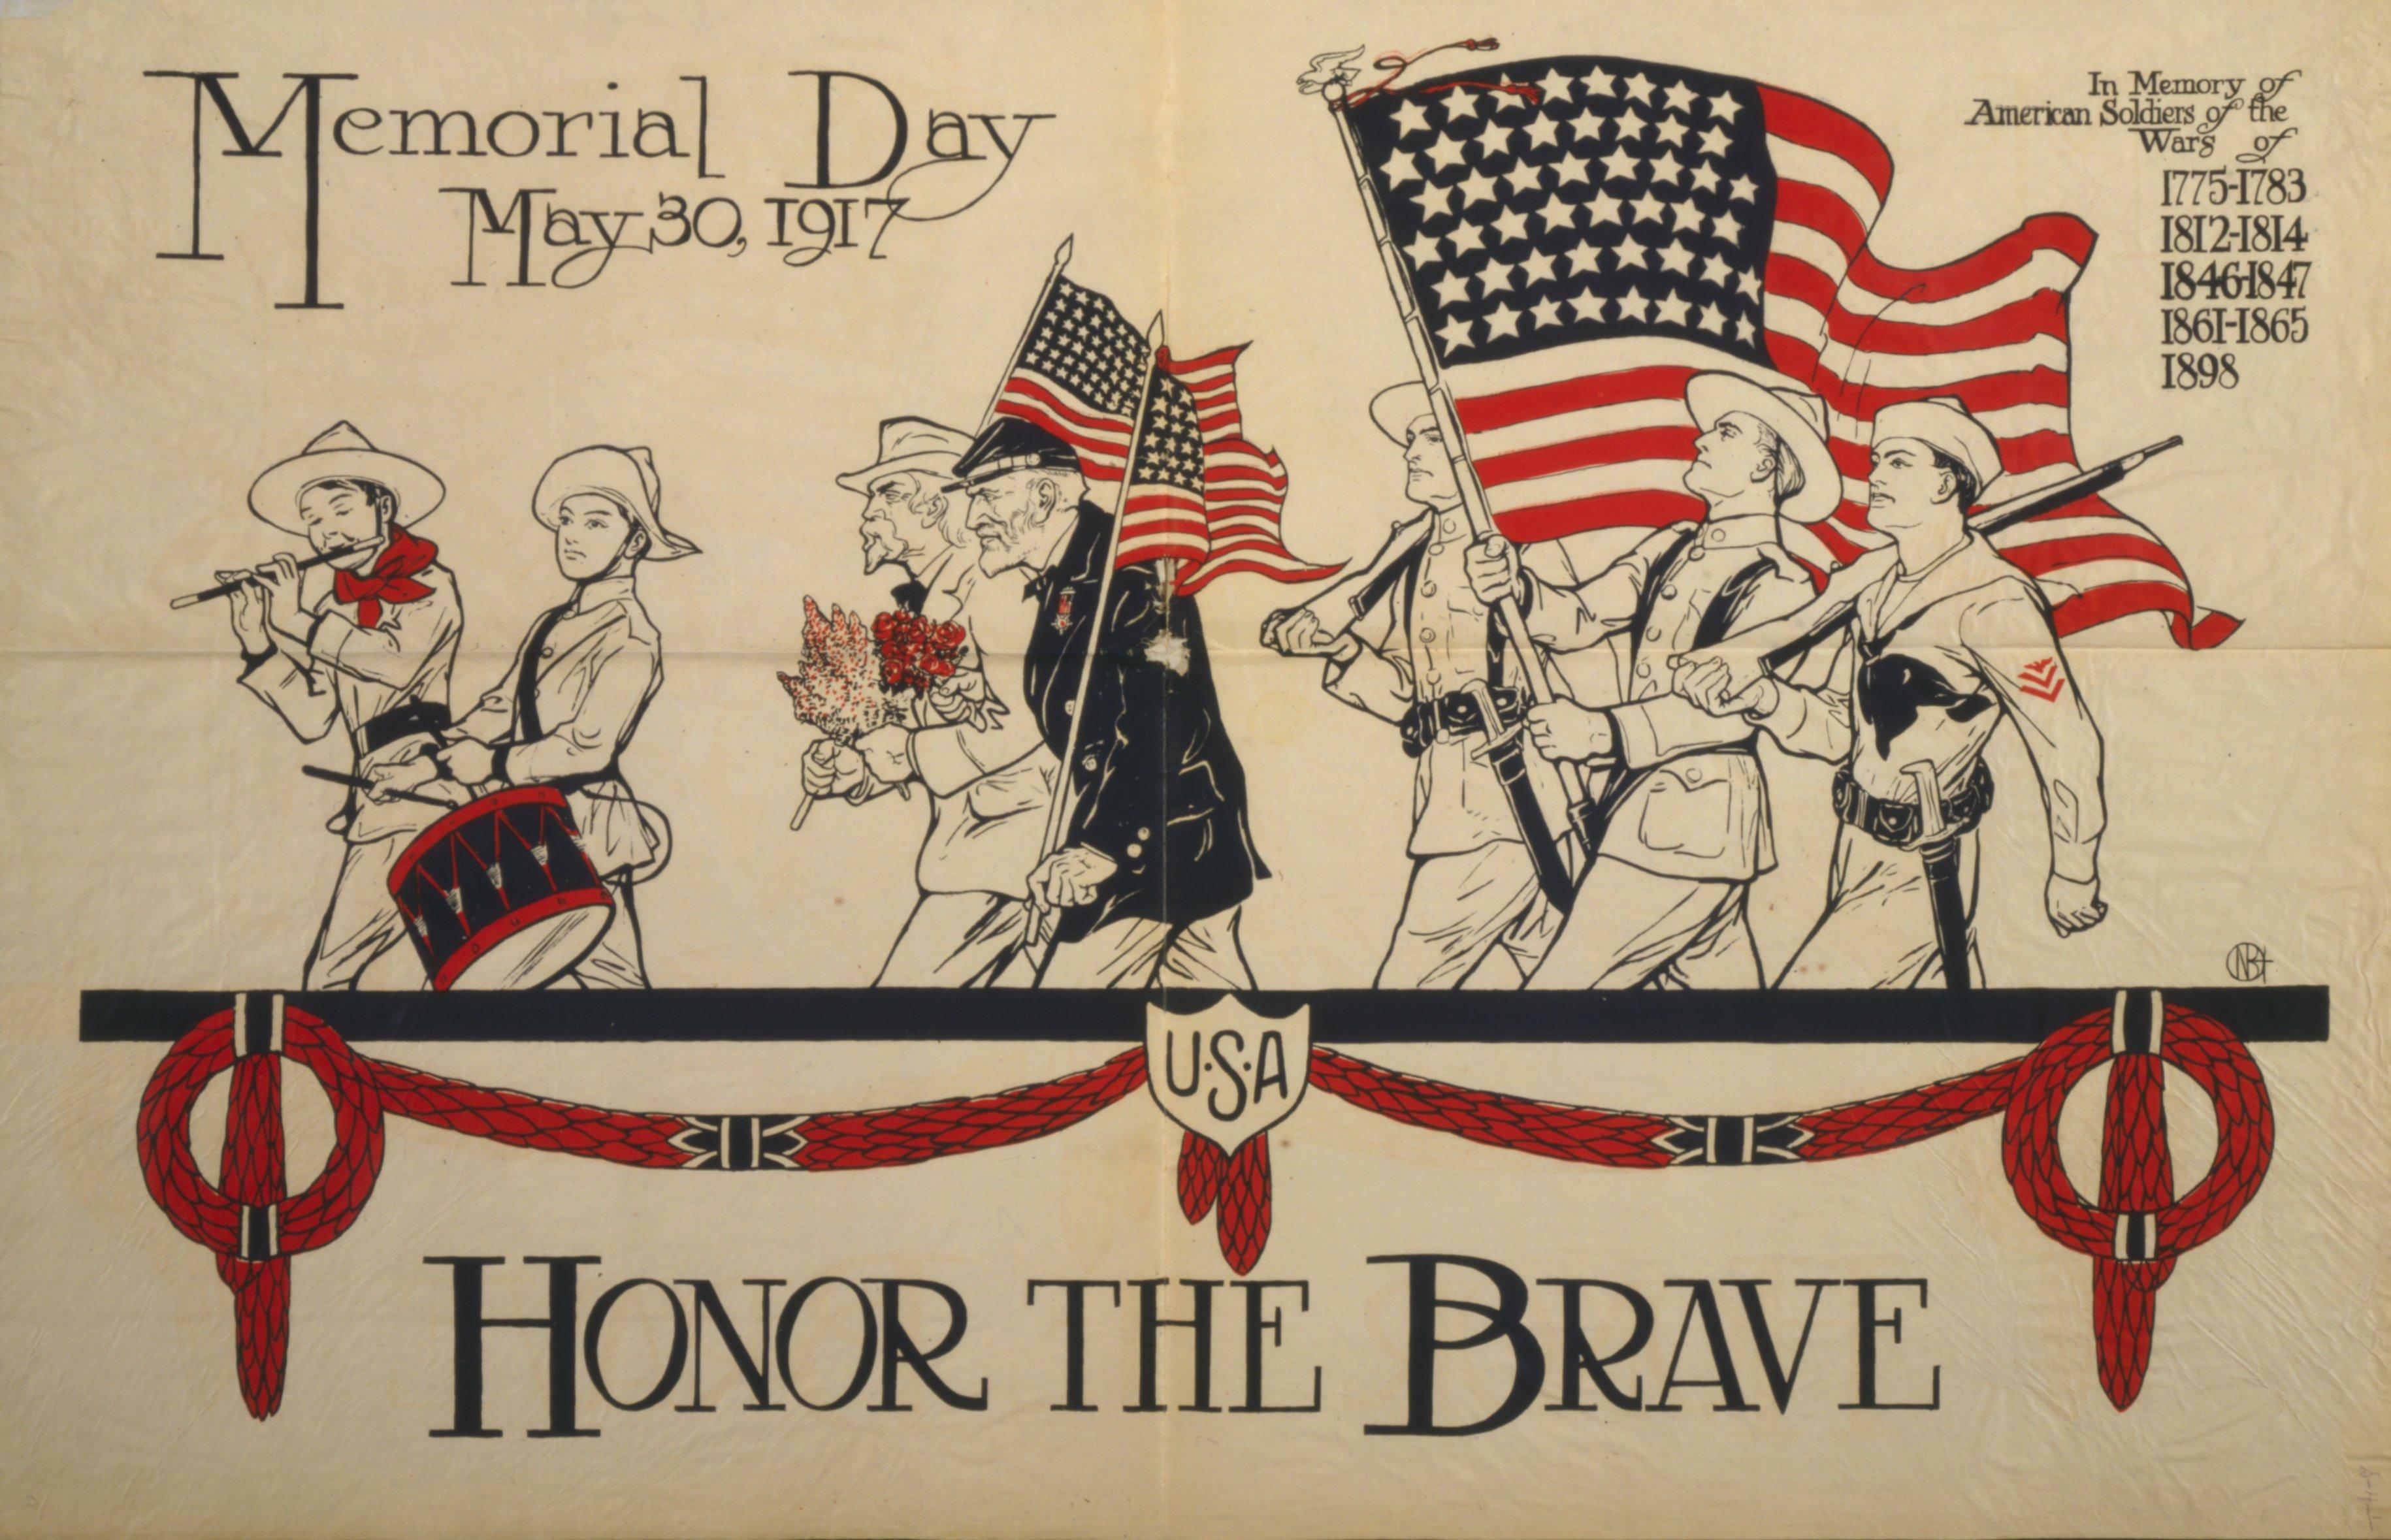 Memorial Day postcard - 1917